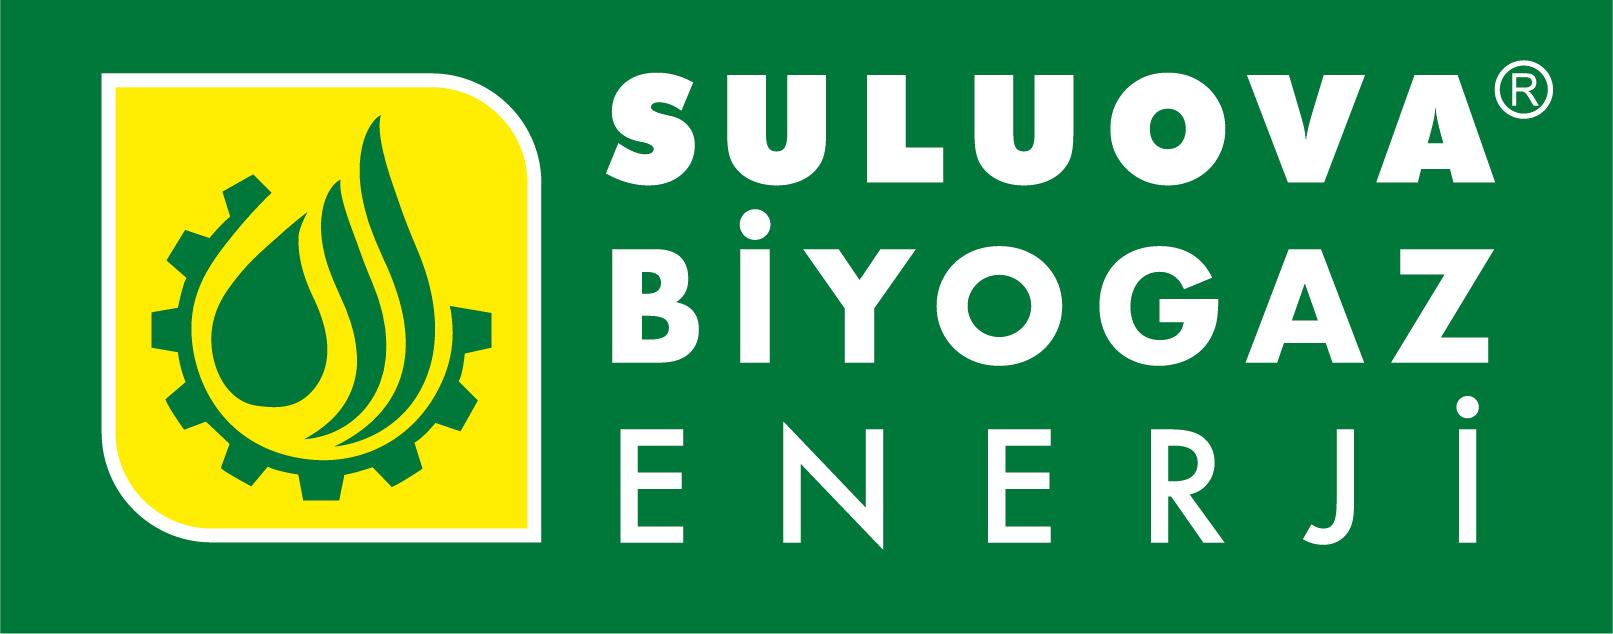 Suluova Biyogaz Enerji